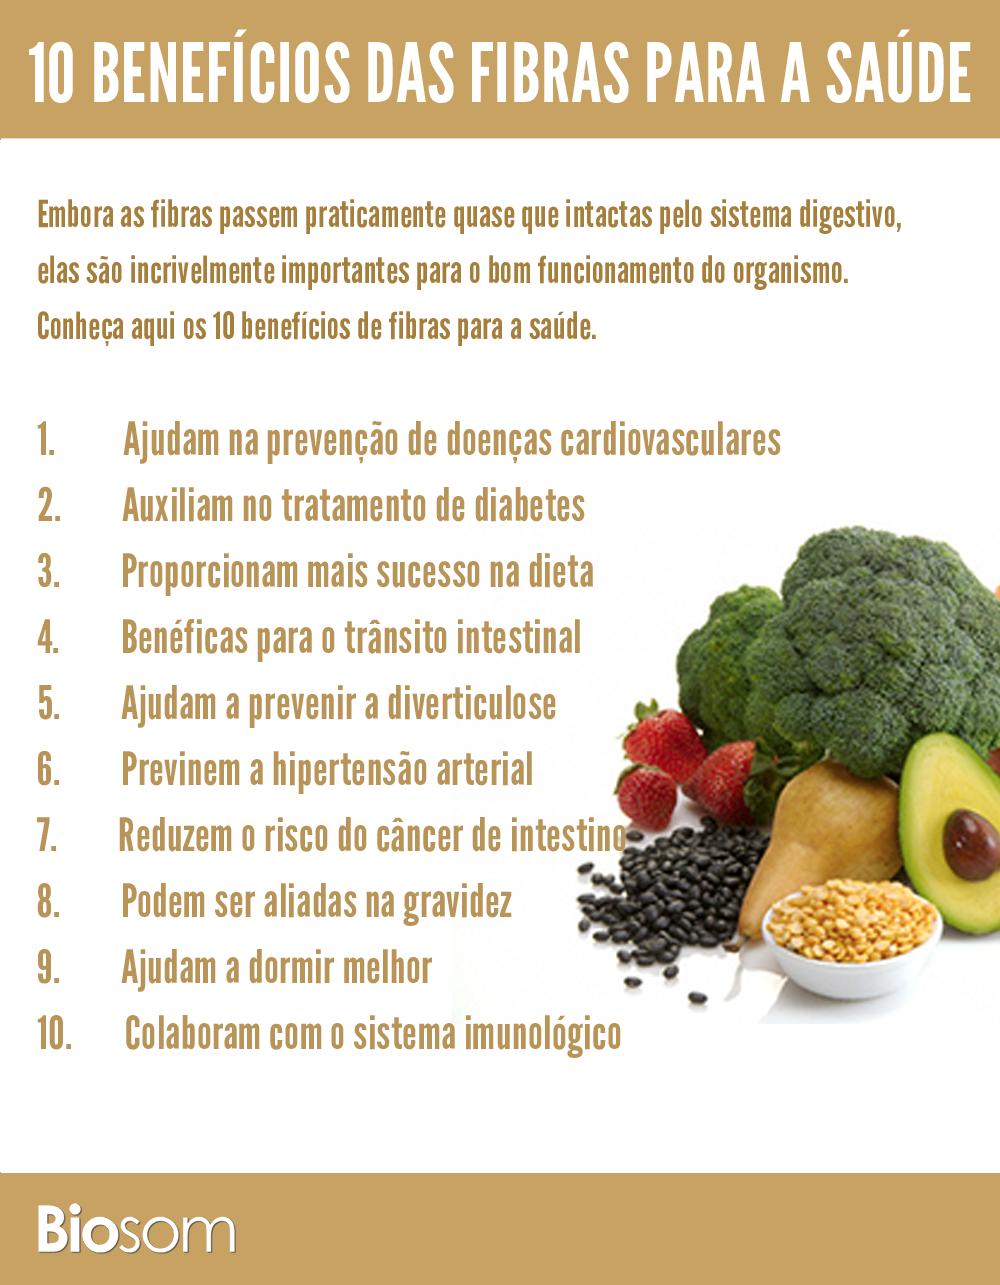 66fba15761 Clique na imagem e veja os 10 benefícios da fibra para a saúde. #fibras  #saúde…